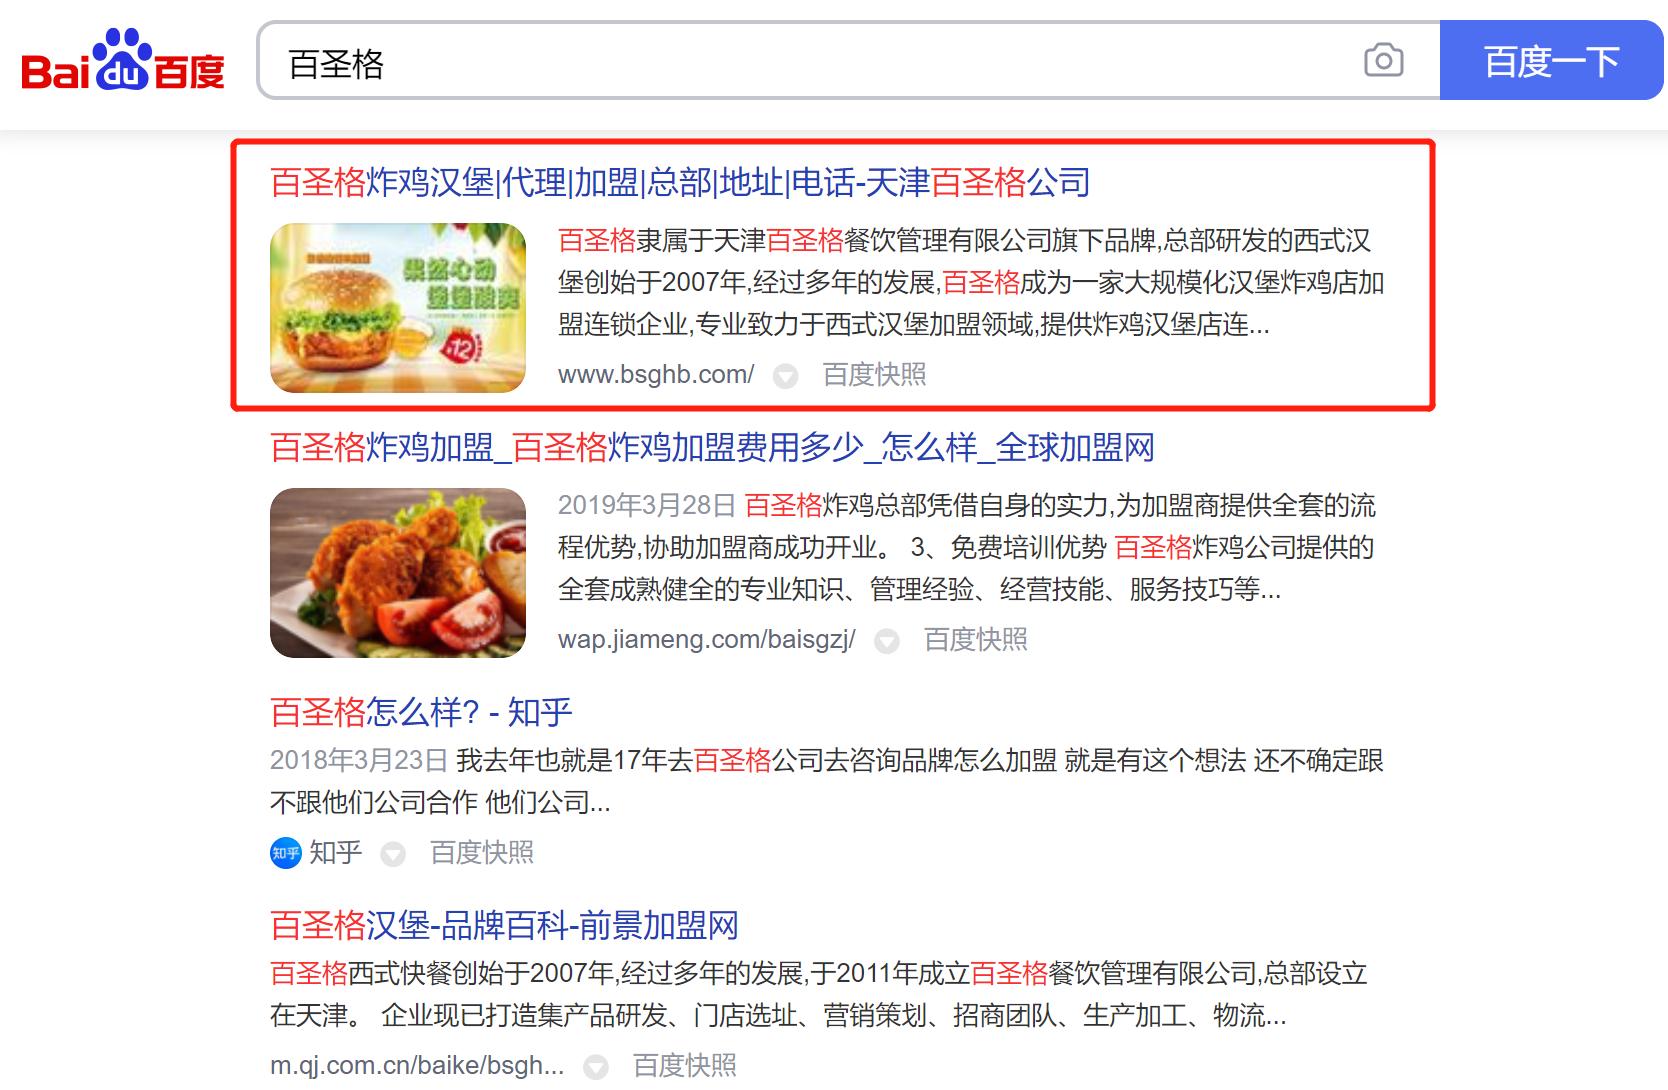 百圣格炸鸡汉堡官网品牌词优化案例